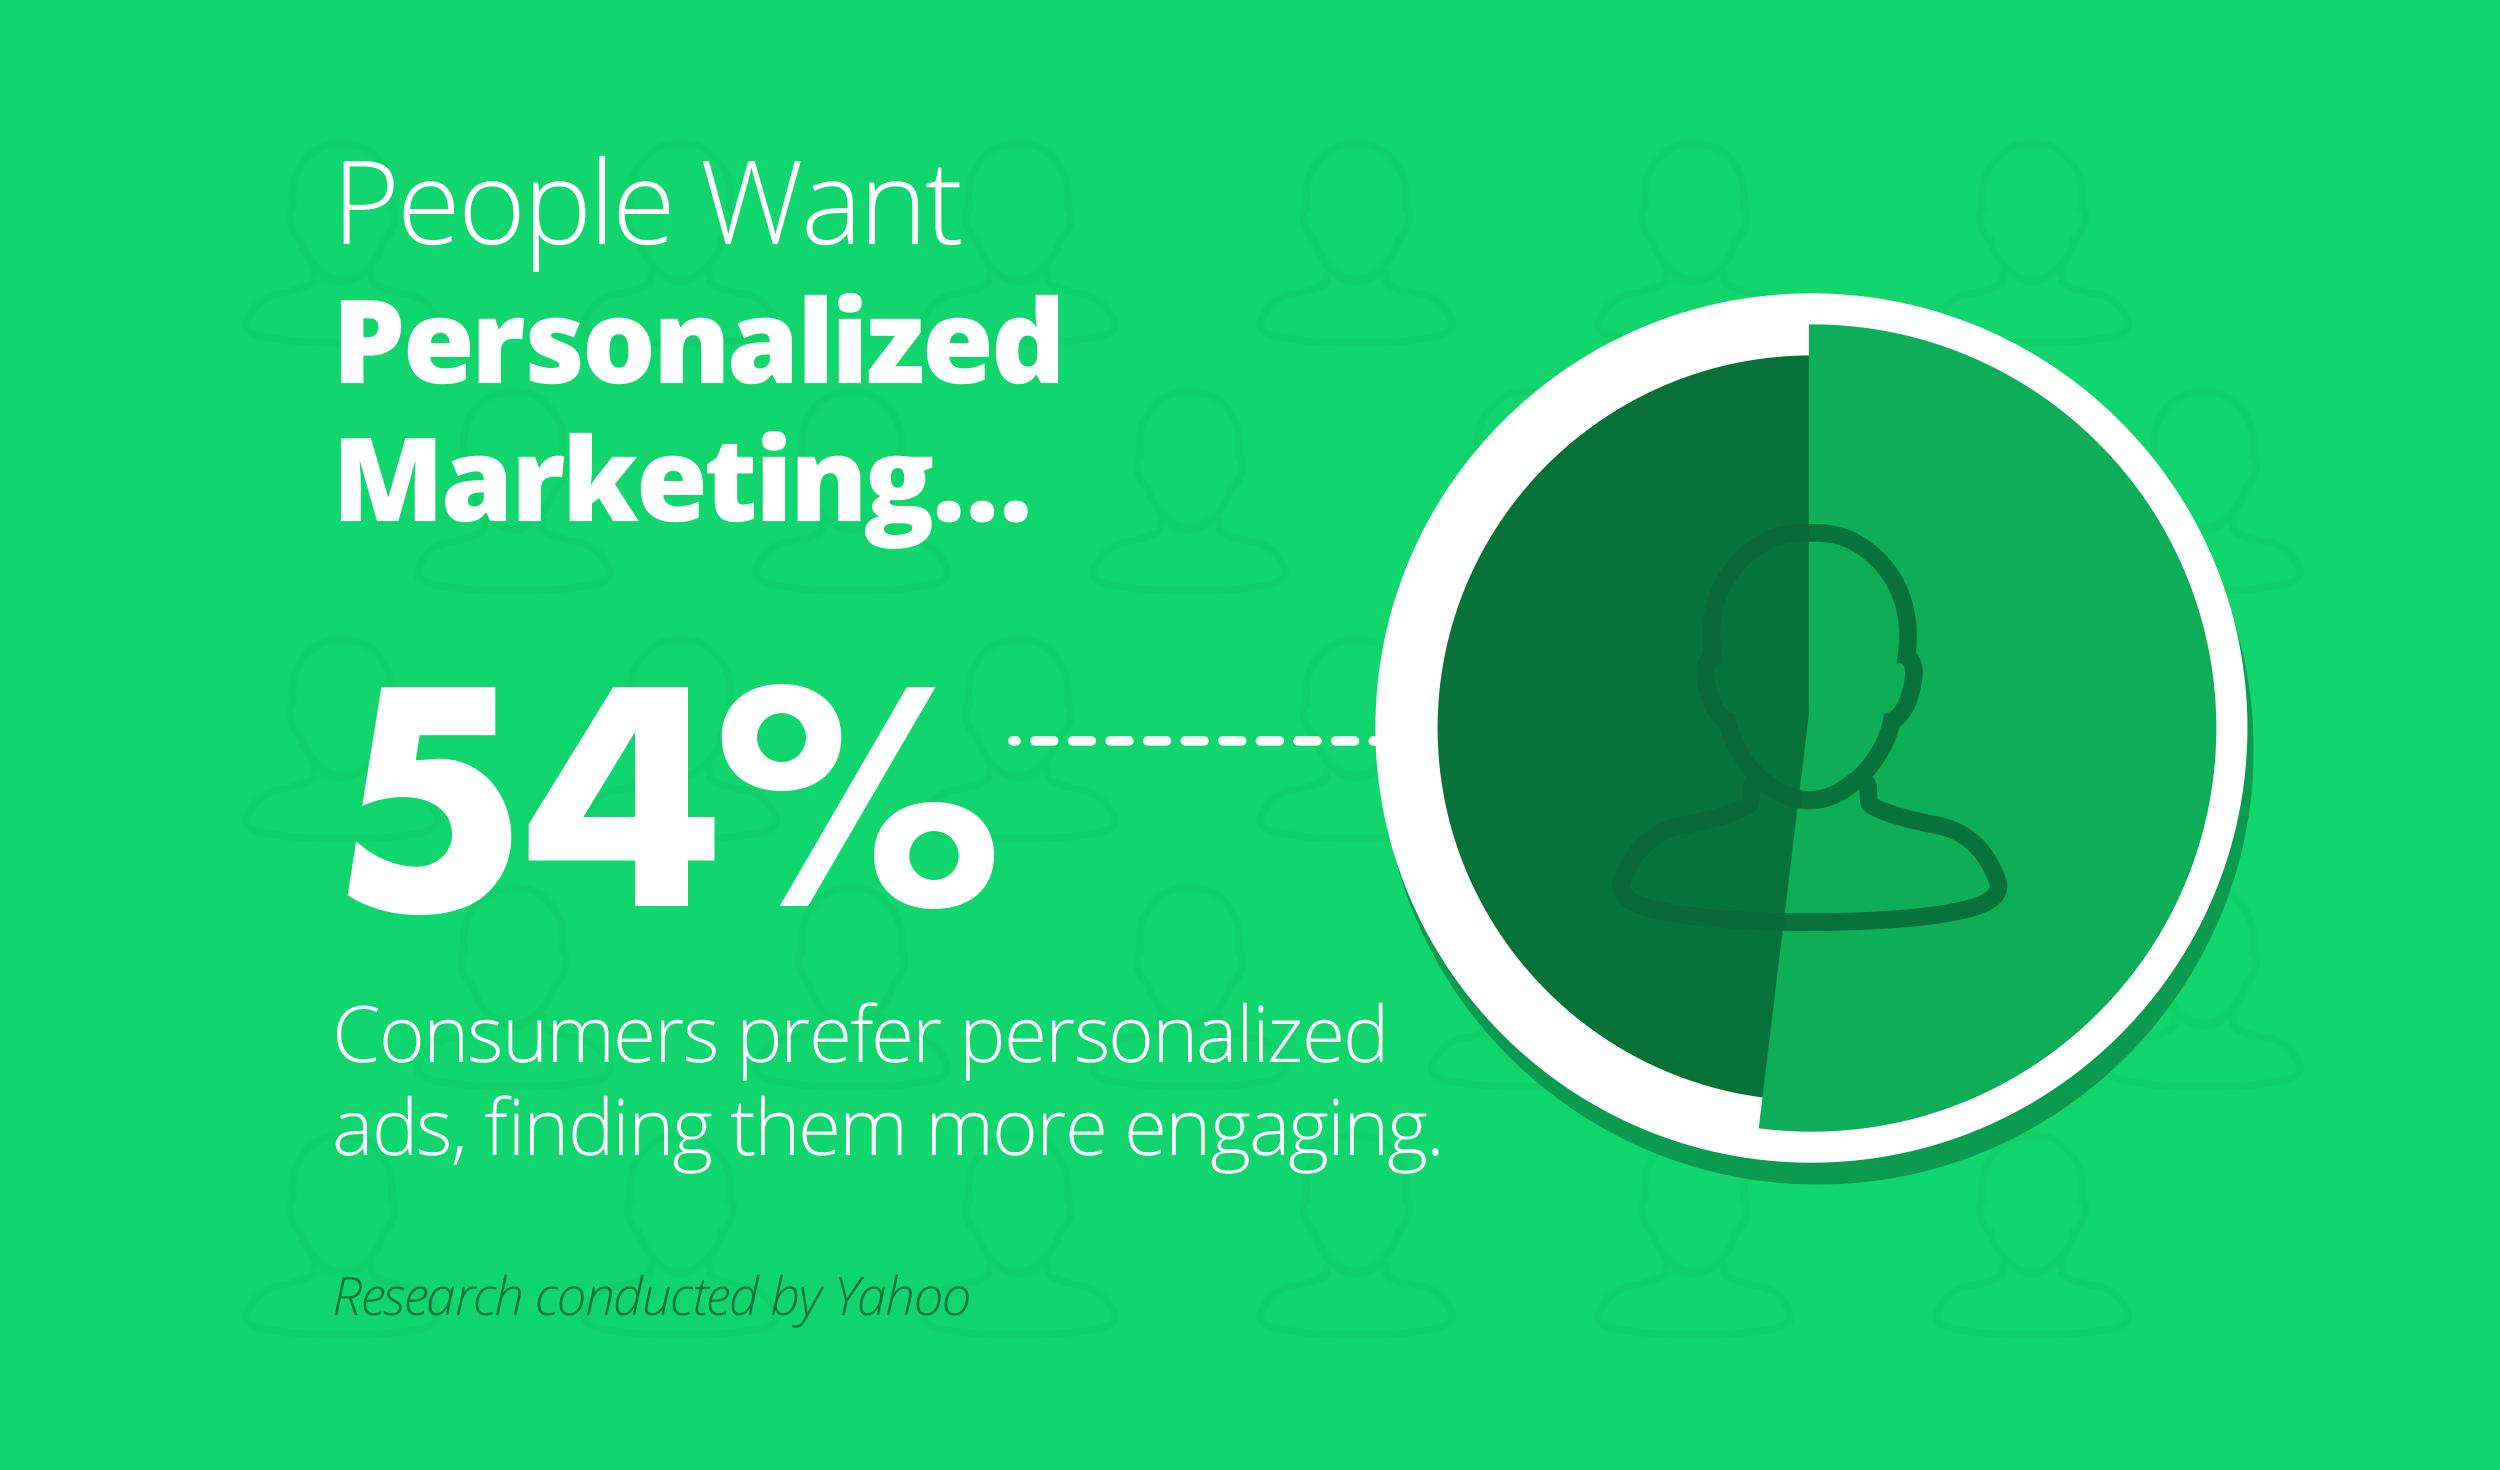 Personalization marketing